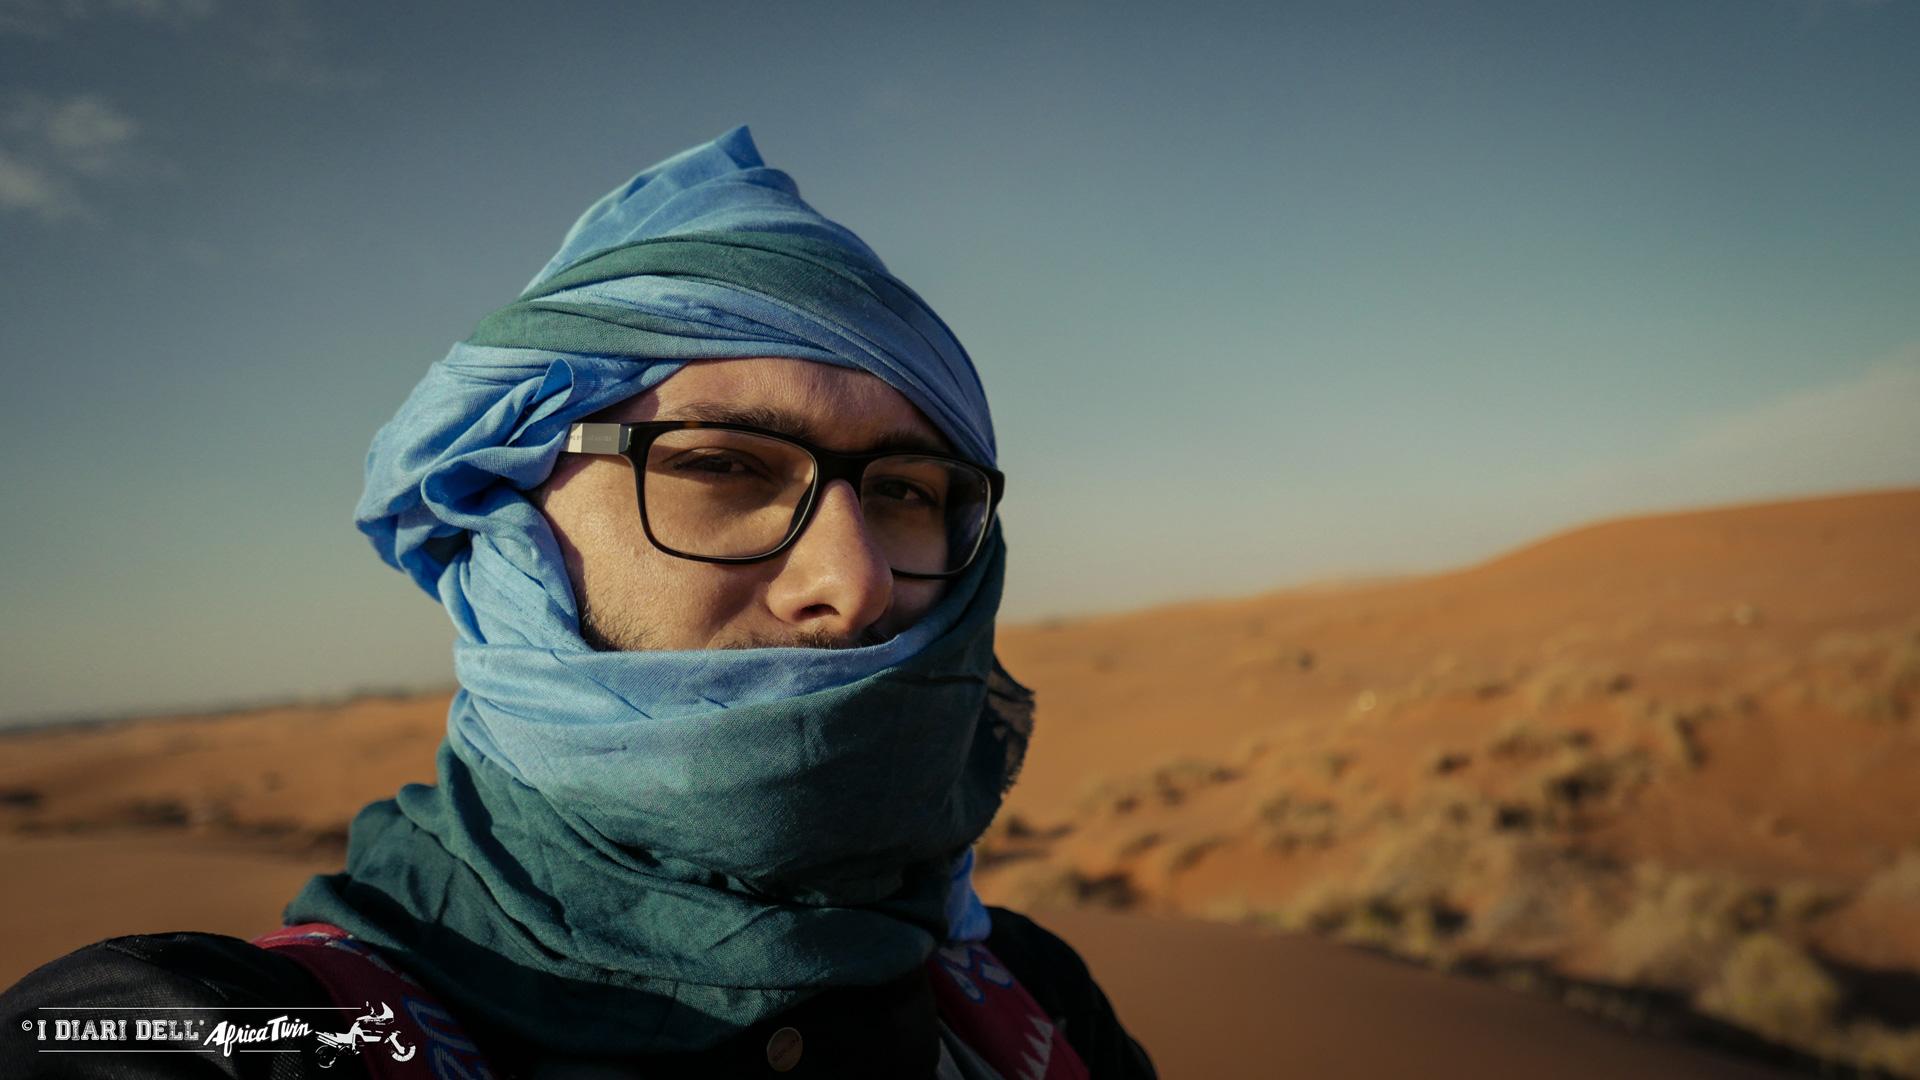 miglior sito di incontri Maroccosito di incontri spiritueel